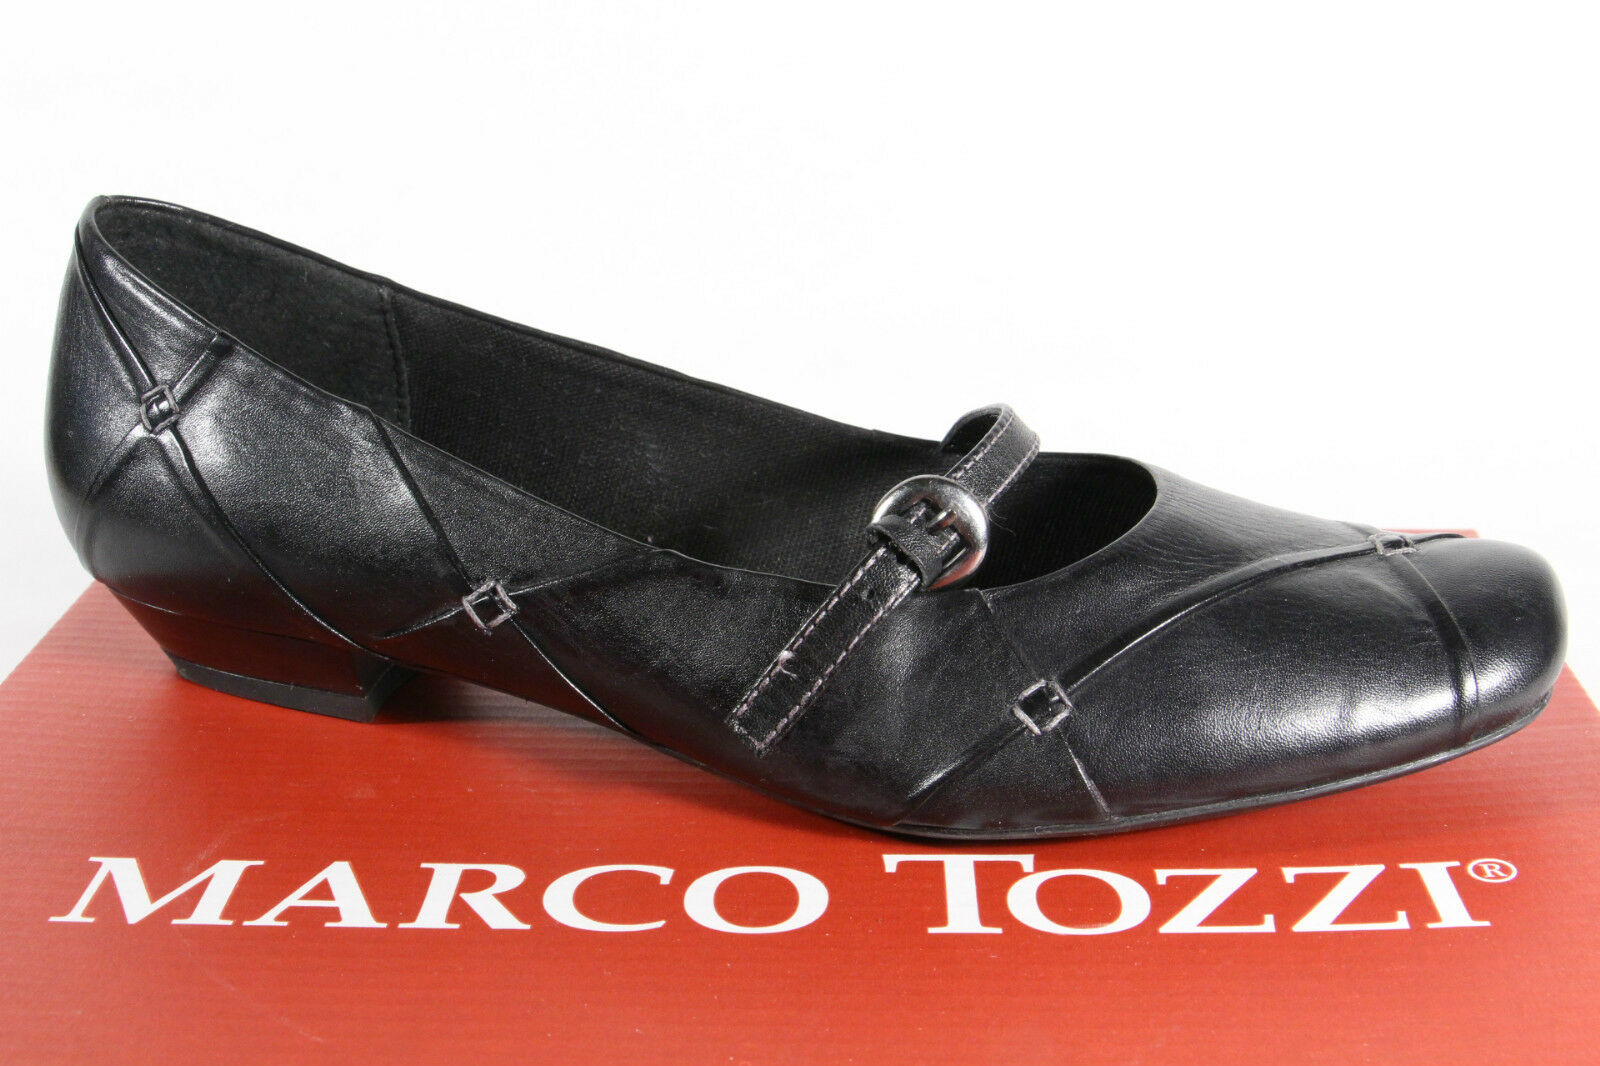 Marco Tozzi Ballerinas Slippers schwarz, Echtleder NEU